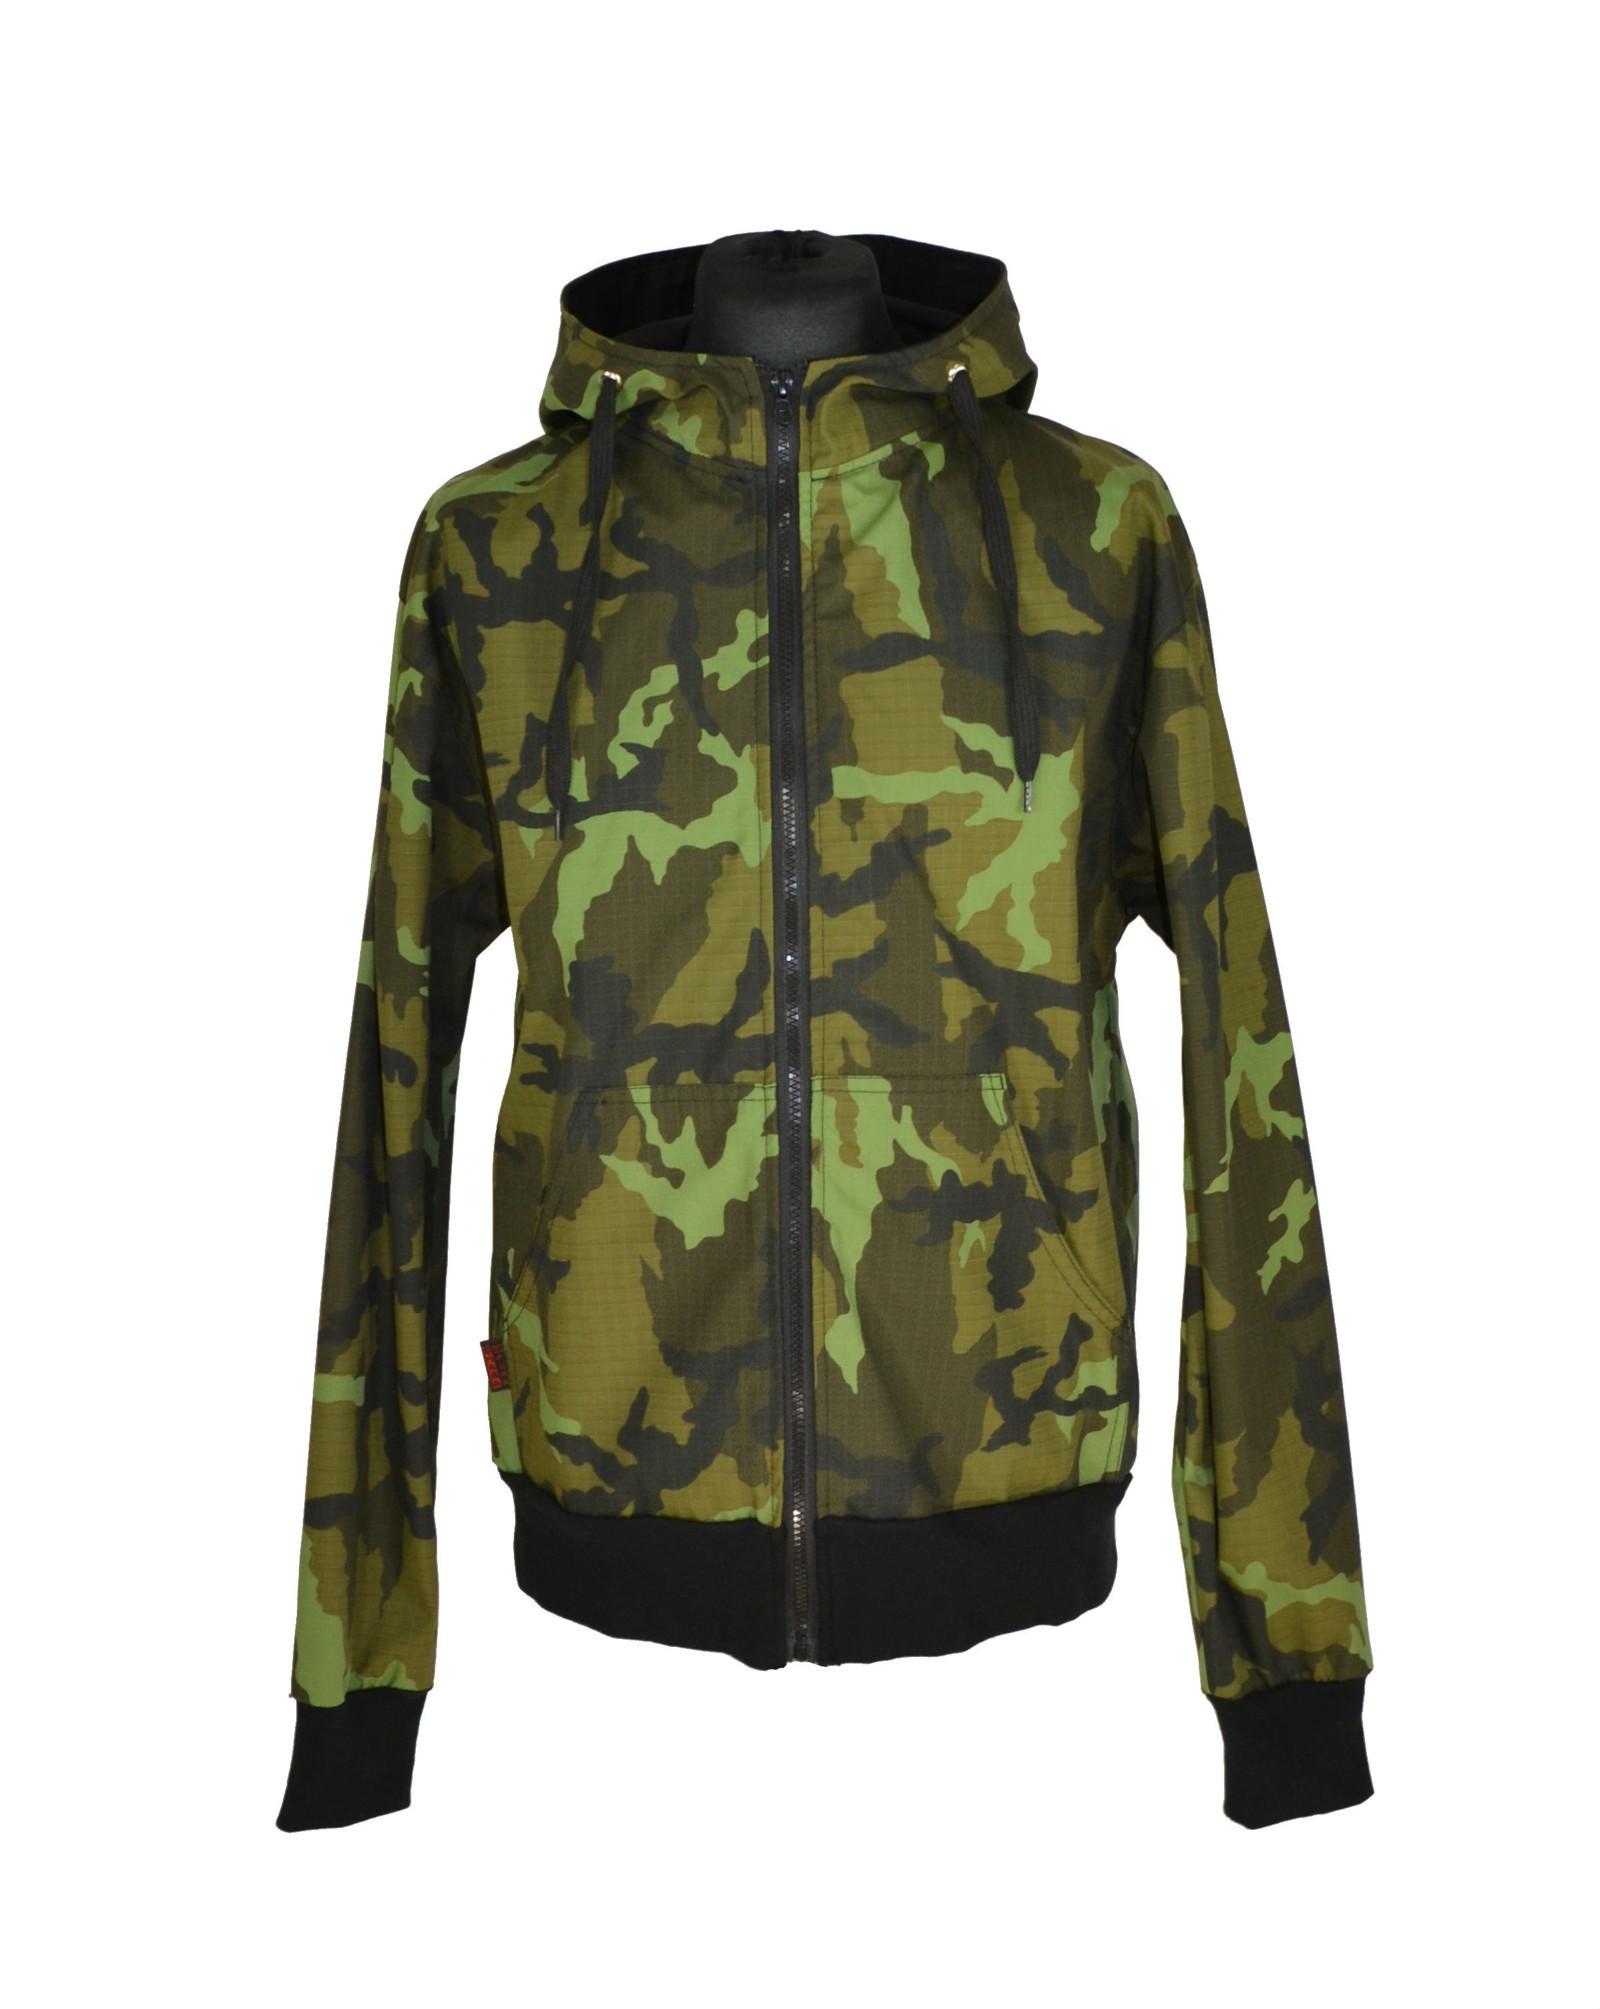 Punk černá celoroční bunda maskáčová   Zboží prodejce Shara OiPunk ... 52c2850549b